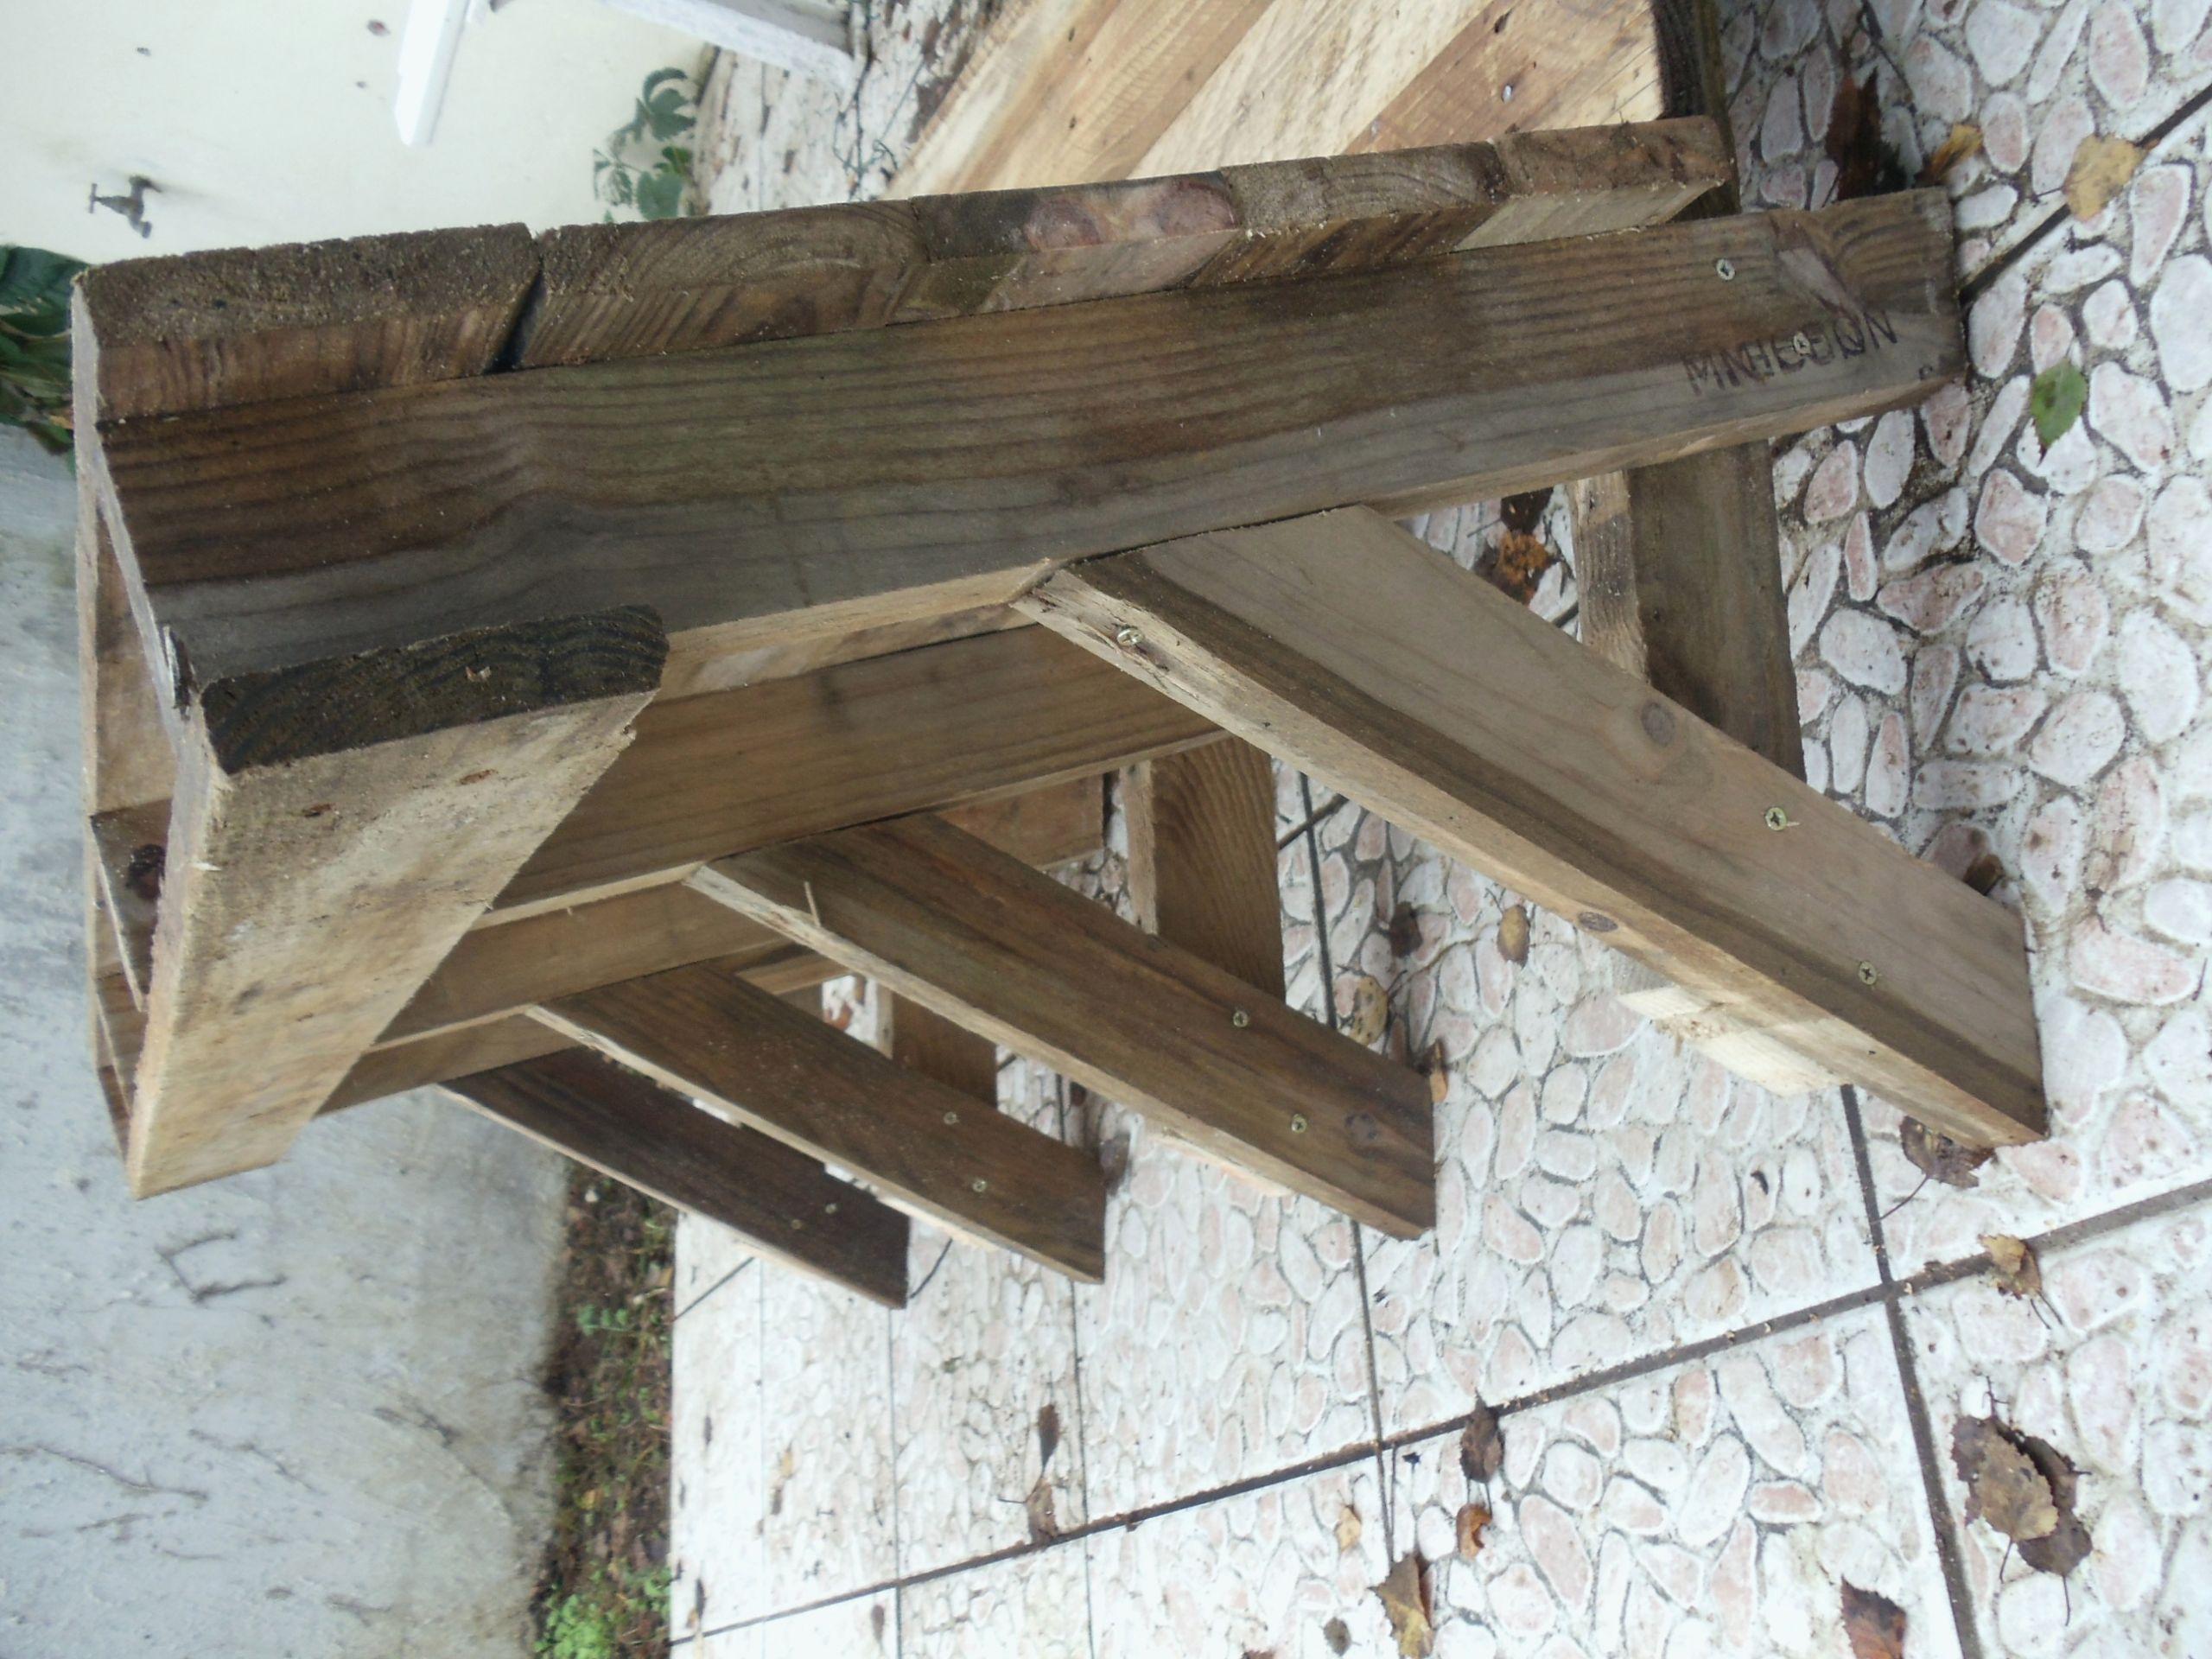 fabriquer un salon de jardin en bois le meilleur de fabriquer table en bois frais table basse palette pour salon de of fabriquer un salon de jardin en bois